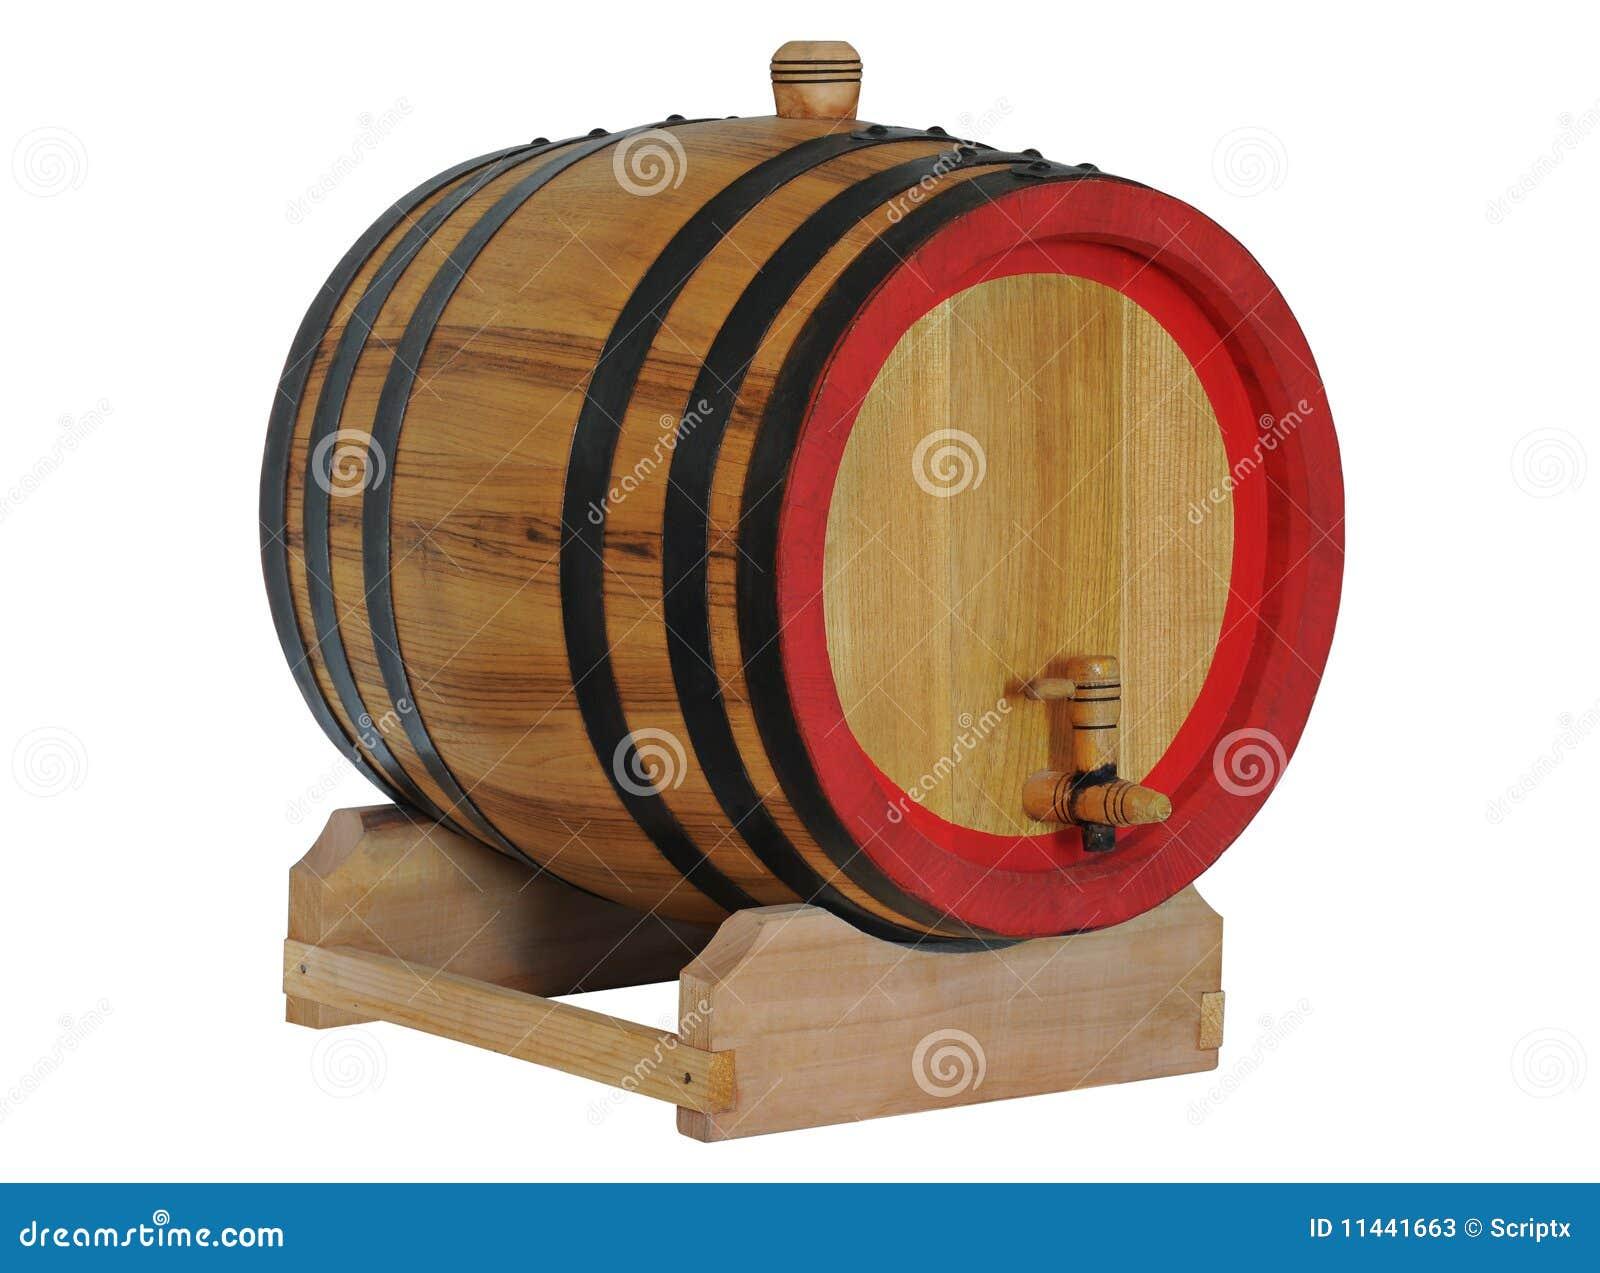 Reflejos de luz cuentos misioneros el barril de vino - Barril de vino ...